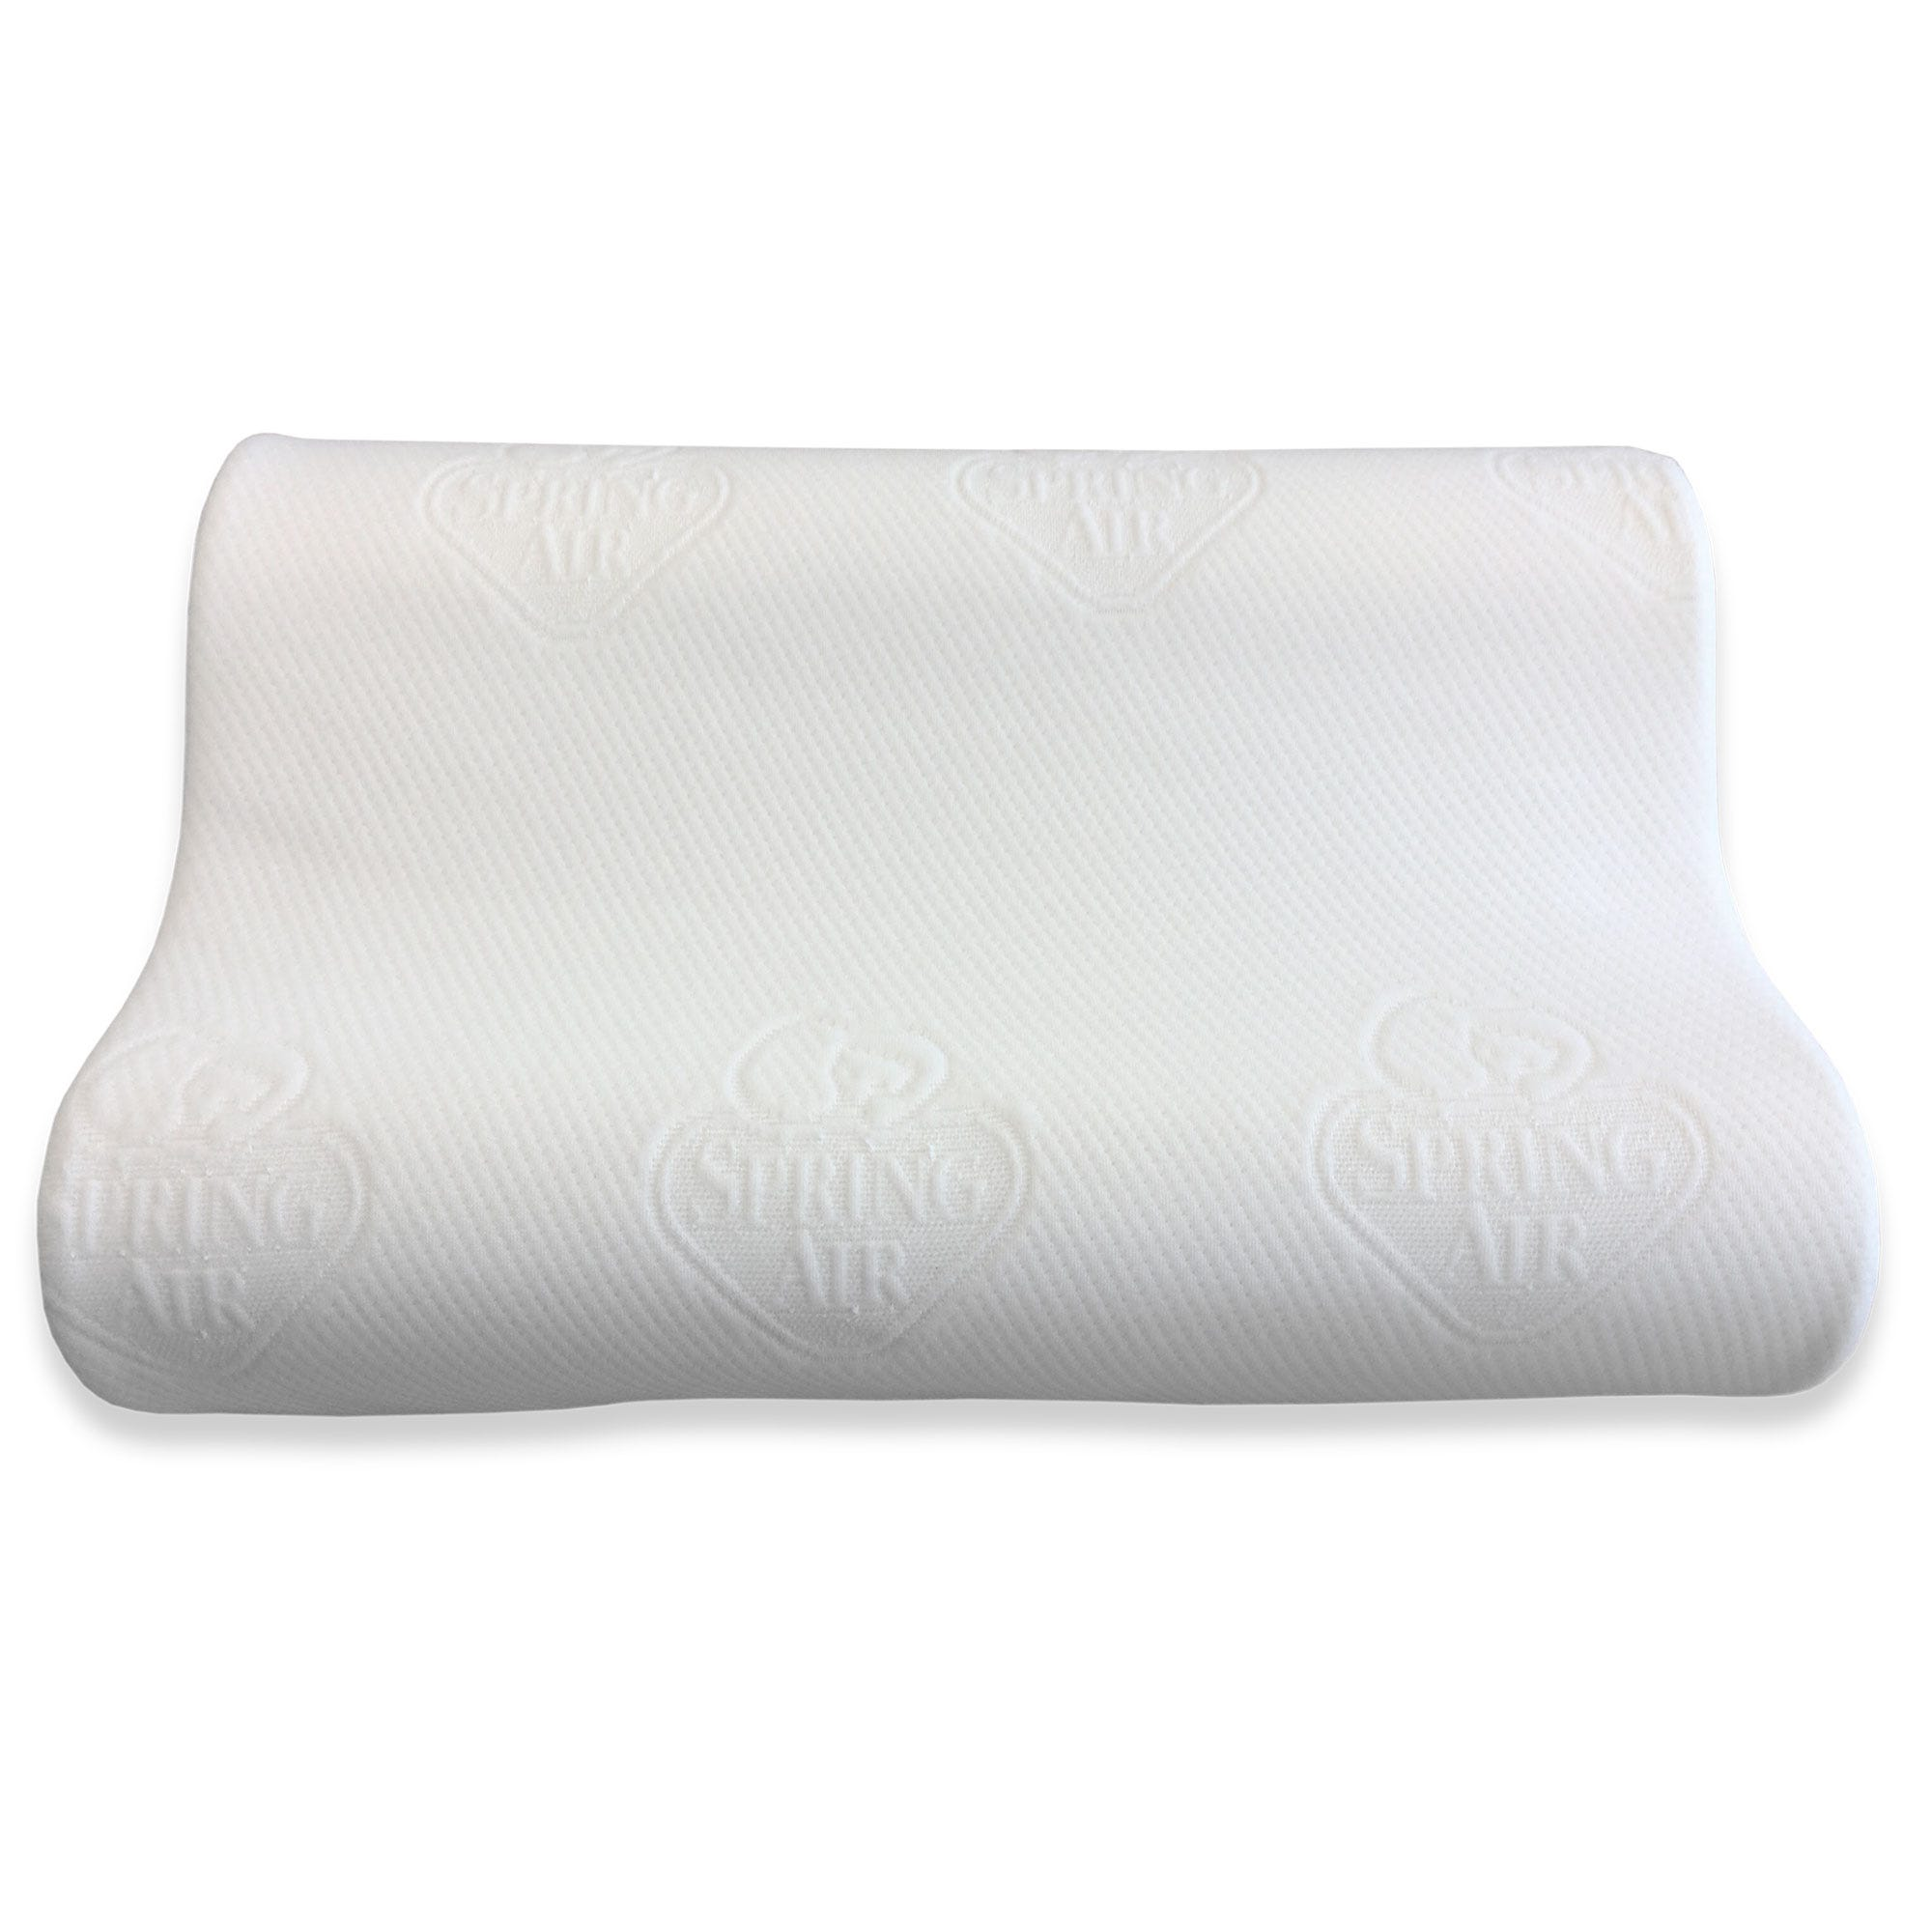 Almohada estándar Ergo shape Spring Air®